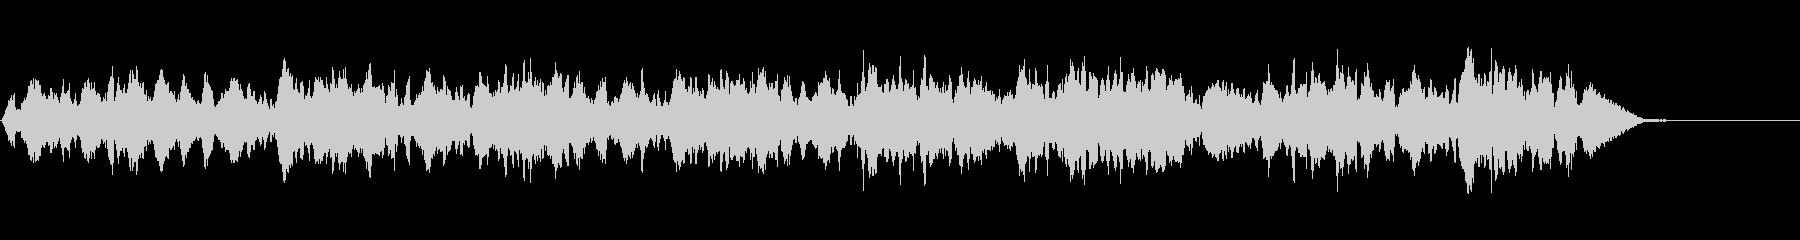 生演奏の弦楽四重奏「トロイメライ」の未再生の波形